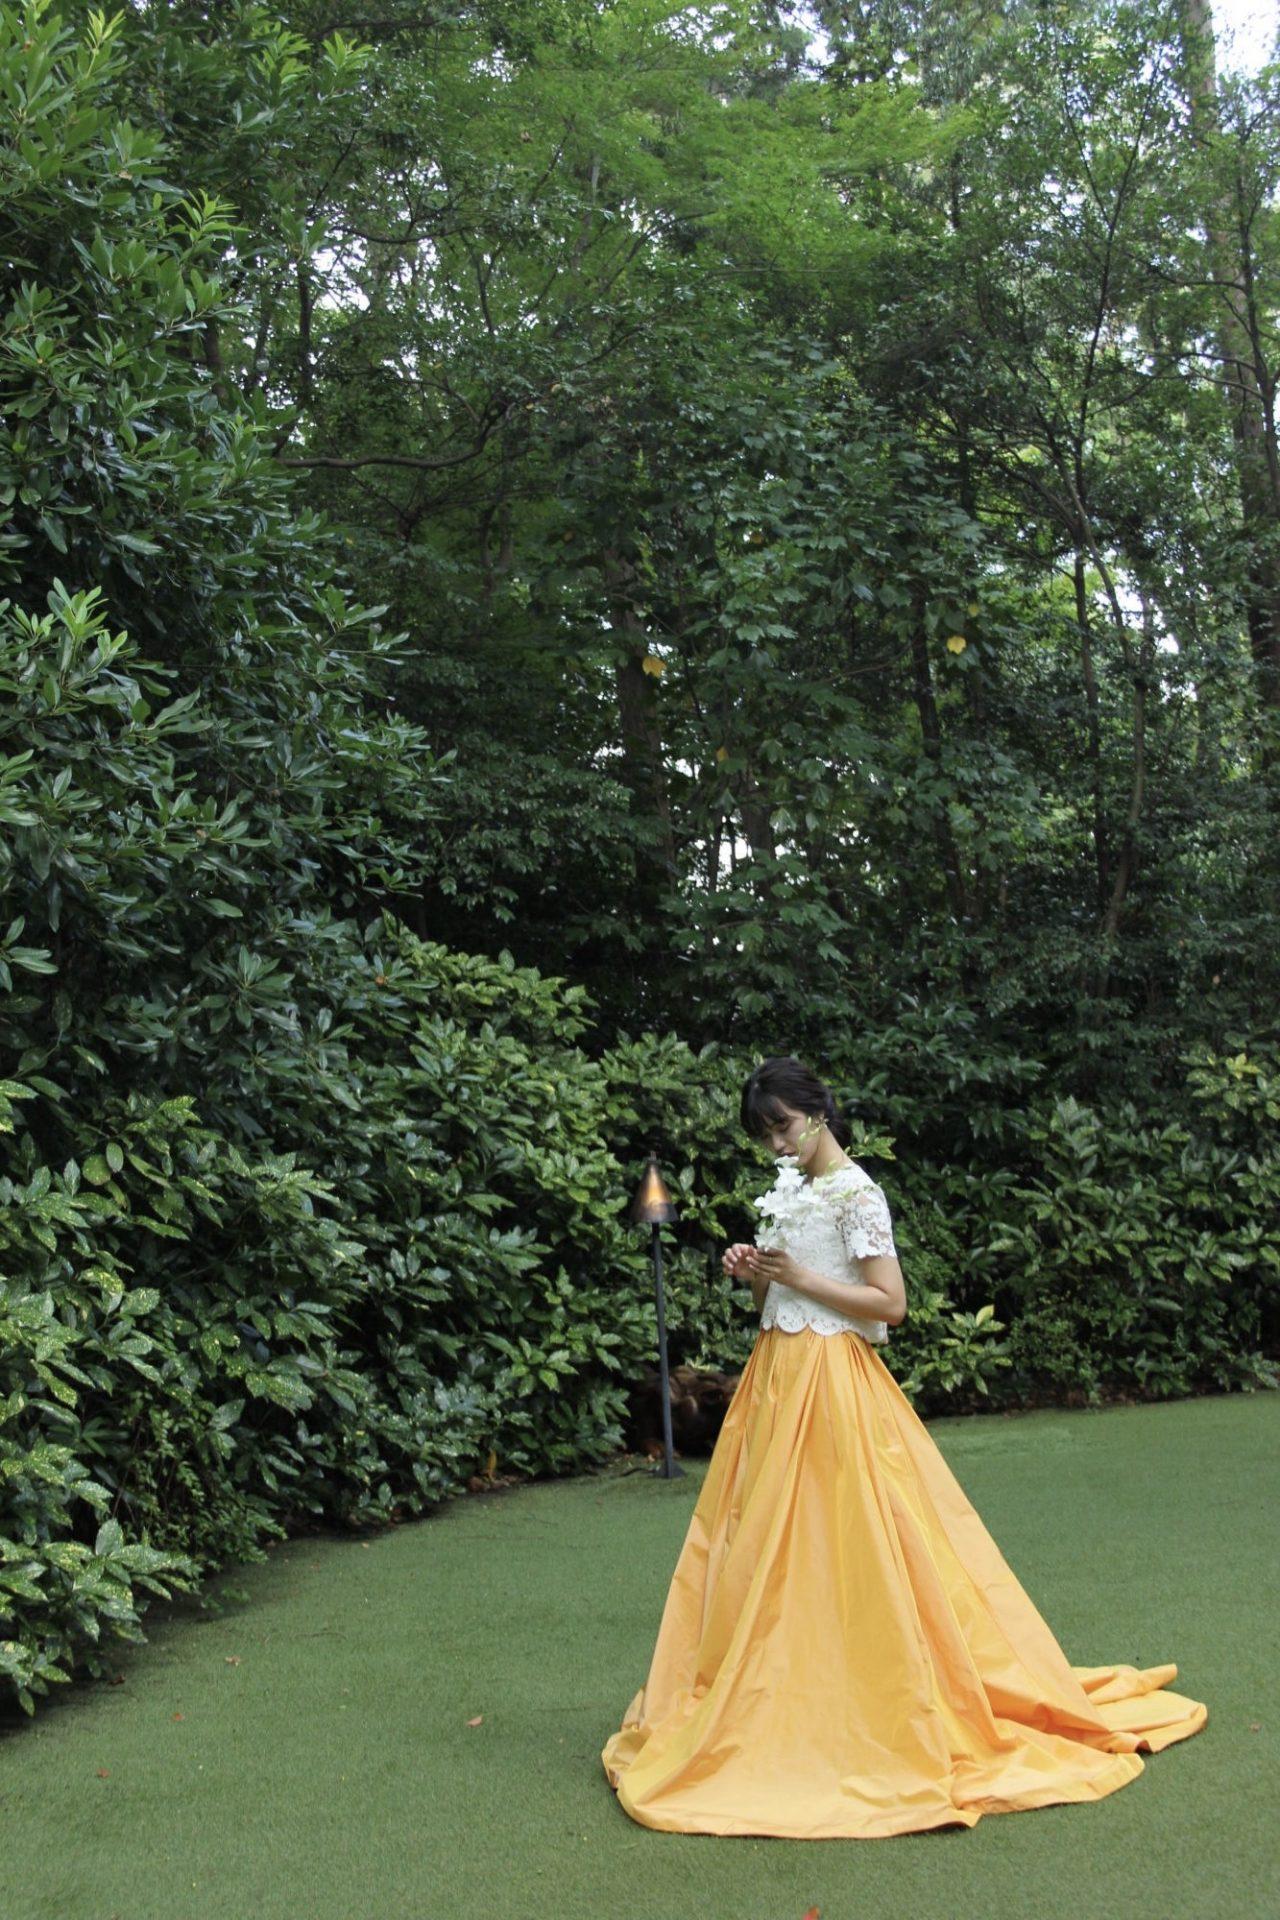 ザナンザンハウスにオススメのオレンジのカラードレスのご紹介